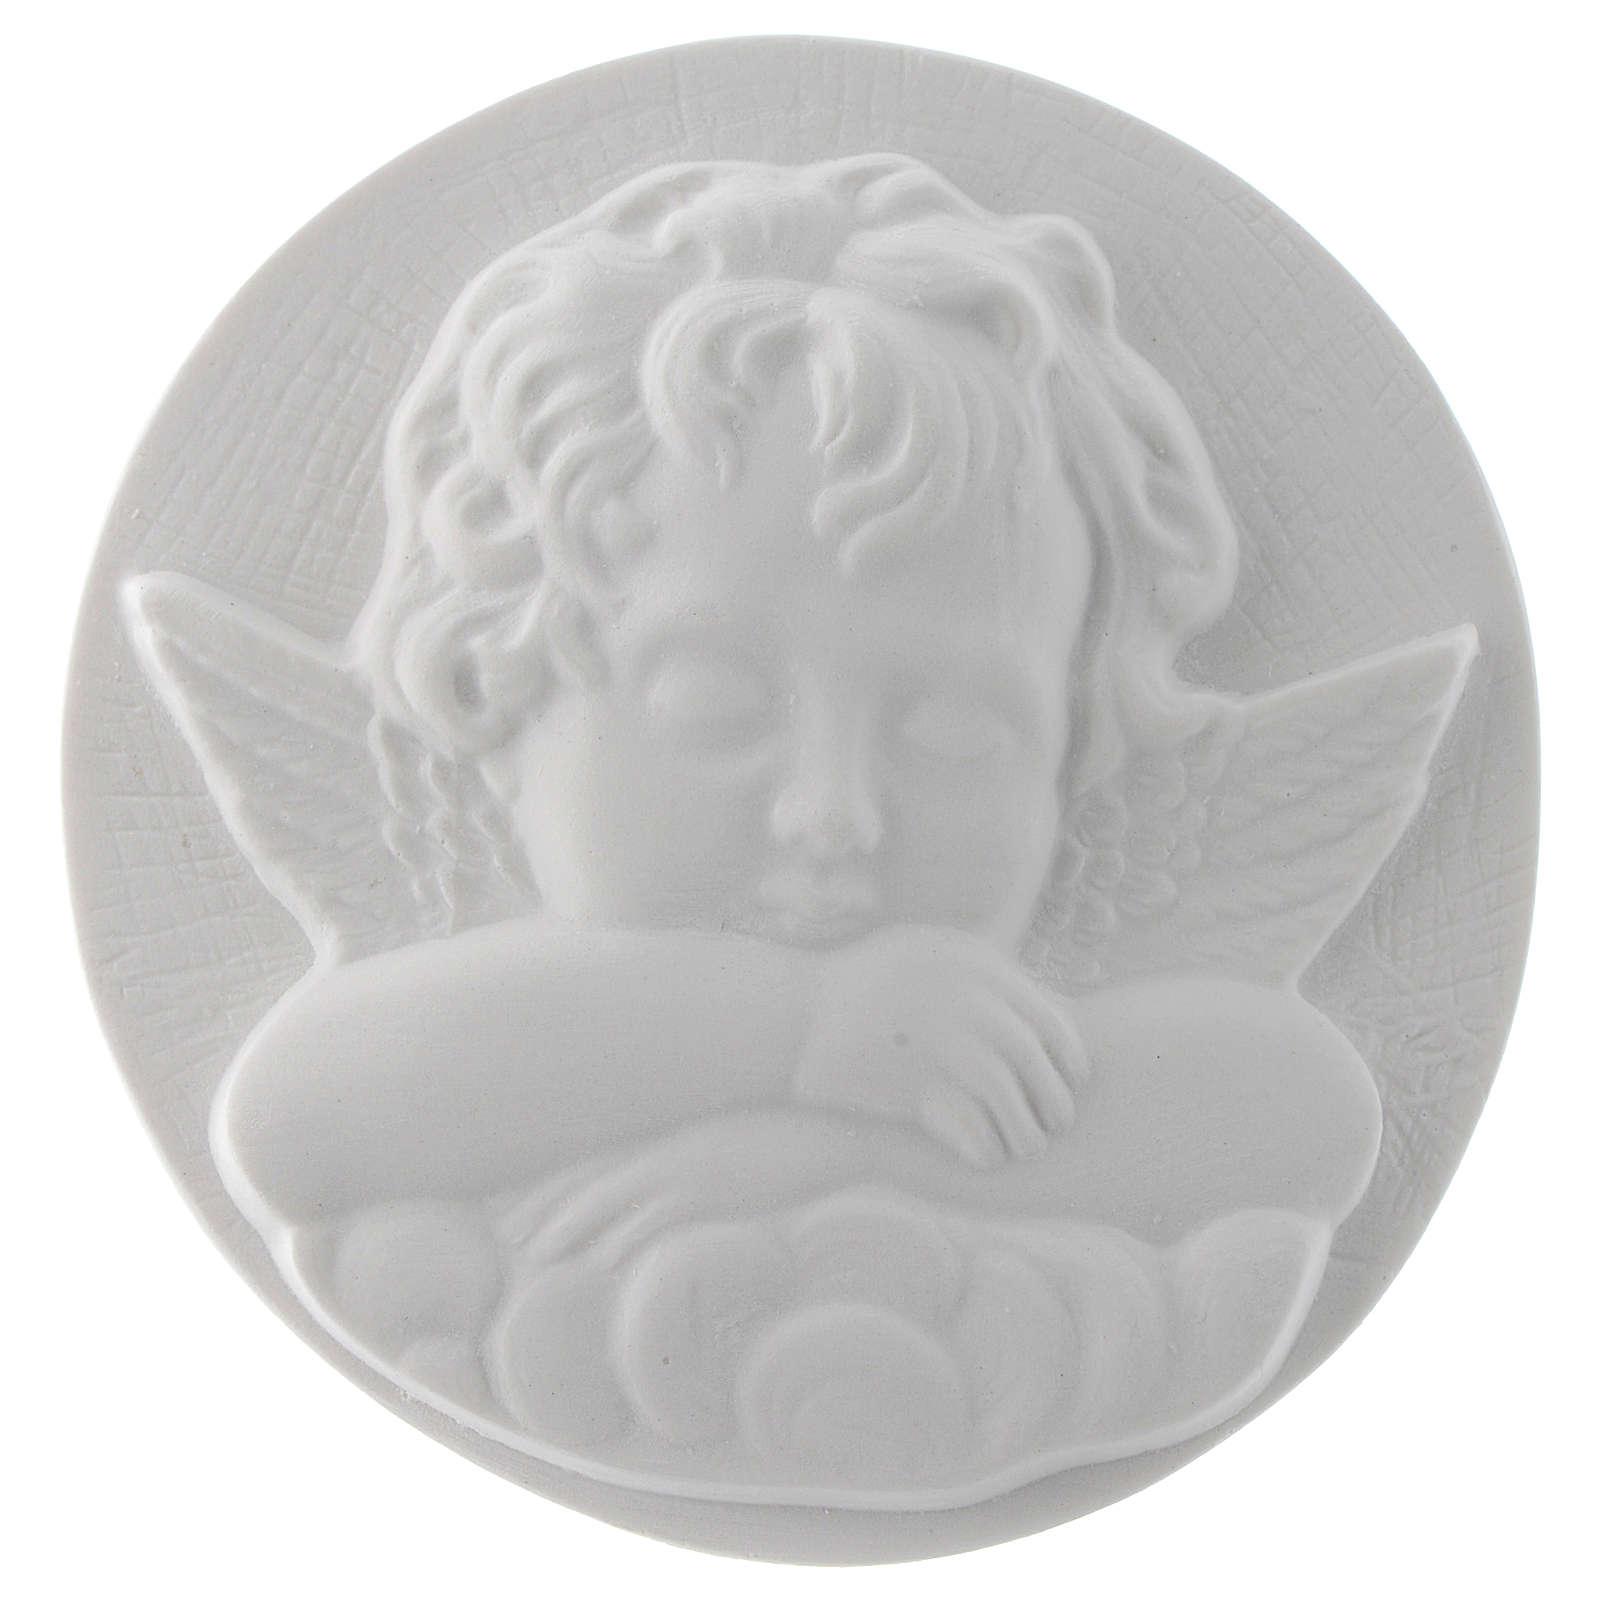 Aniołek śpiący cm 11 okrągły relief marmur 3